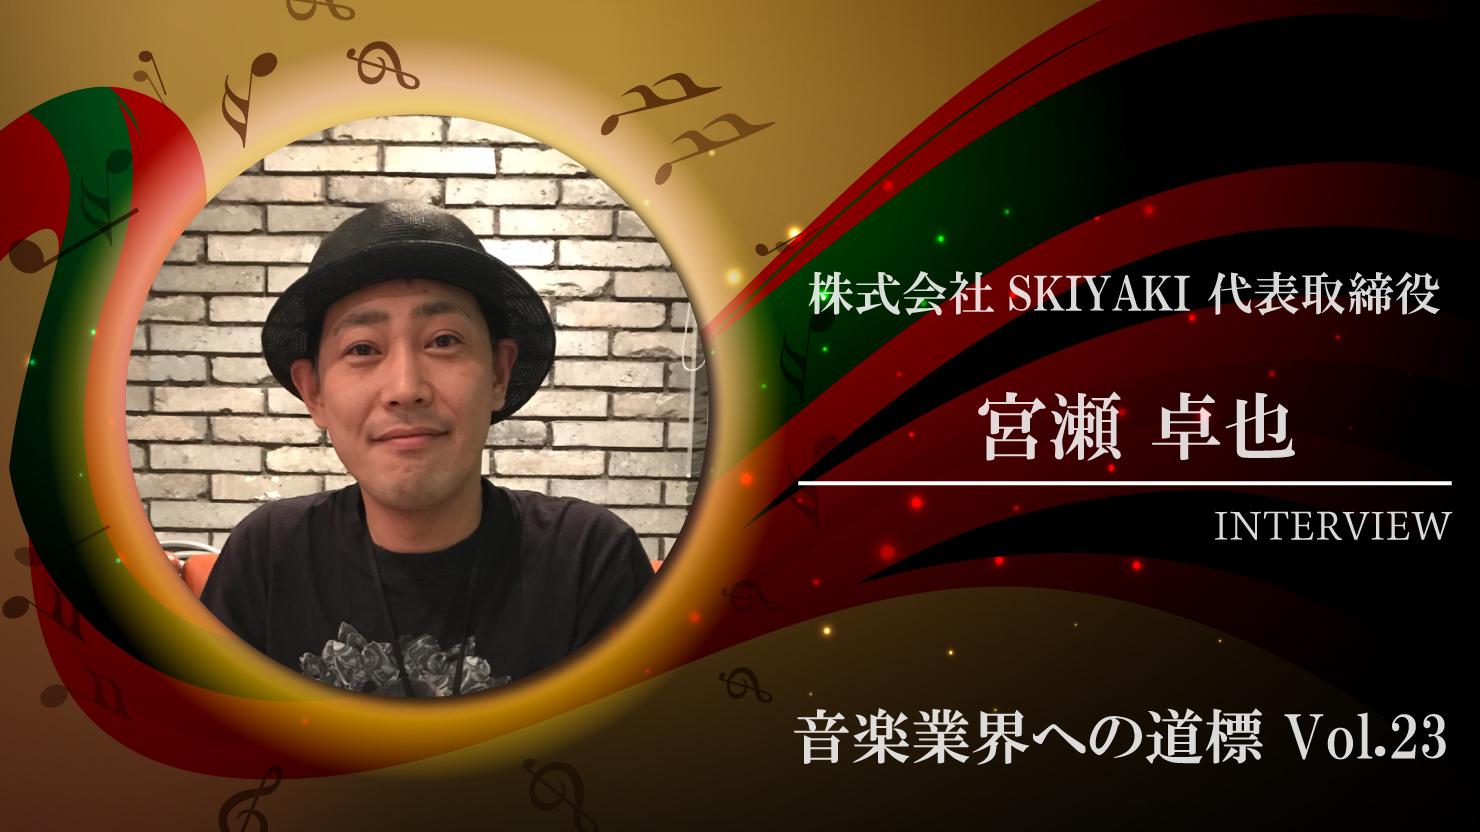 takuya-miyase-skiyaki